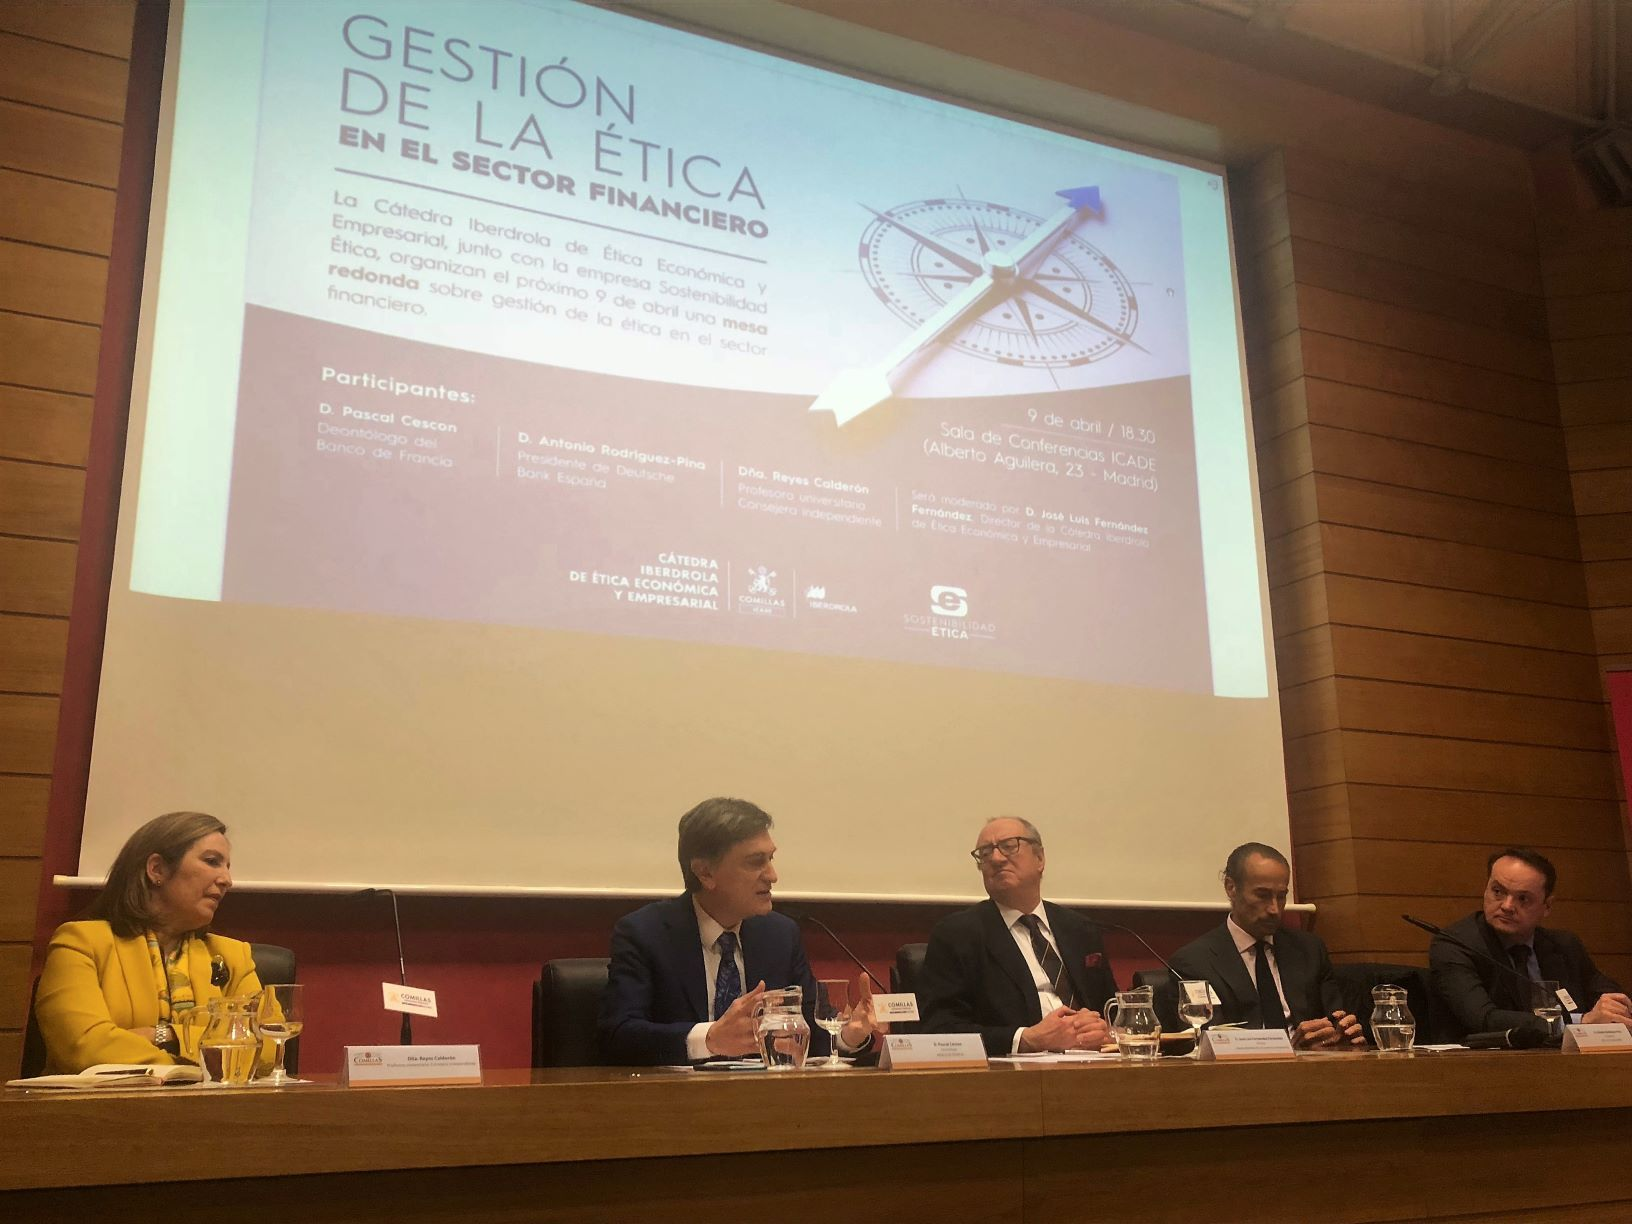 Foto de Jornada 'La gestión de la ética en el sector financiero'